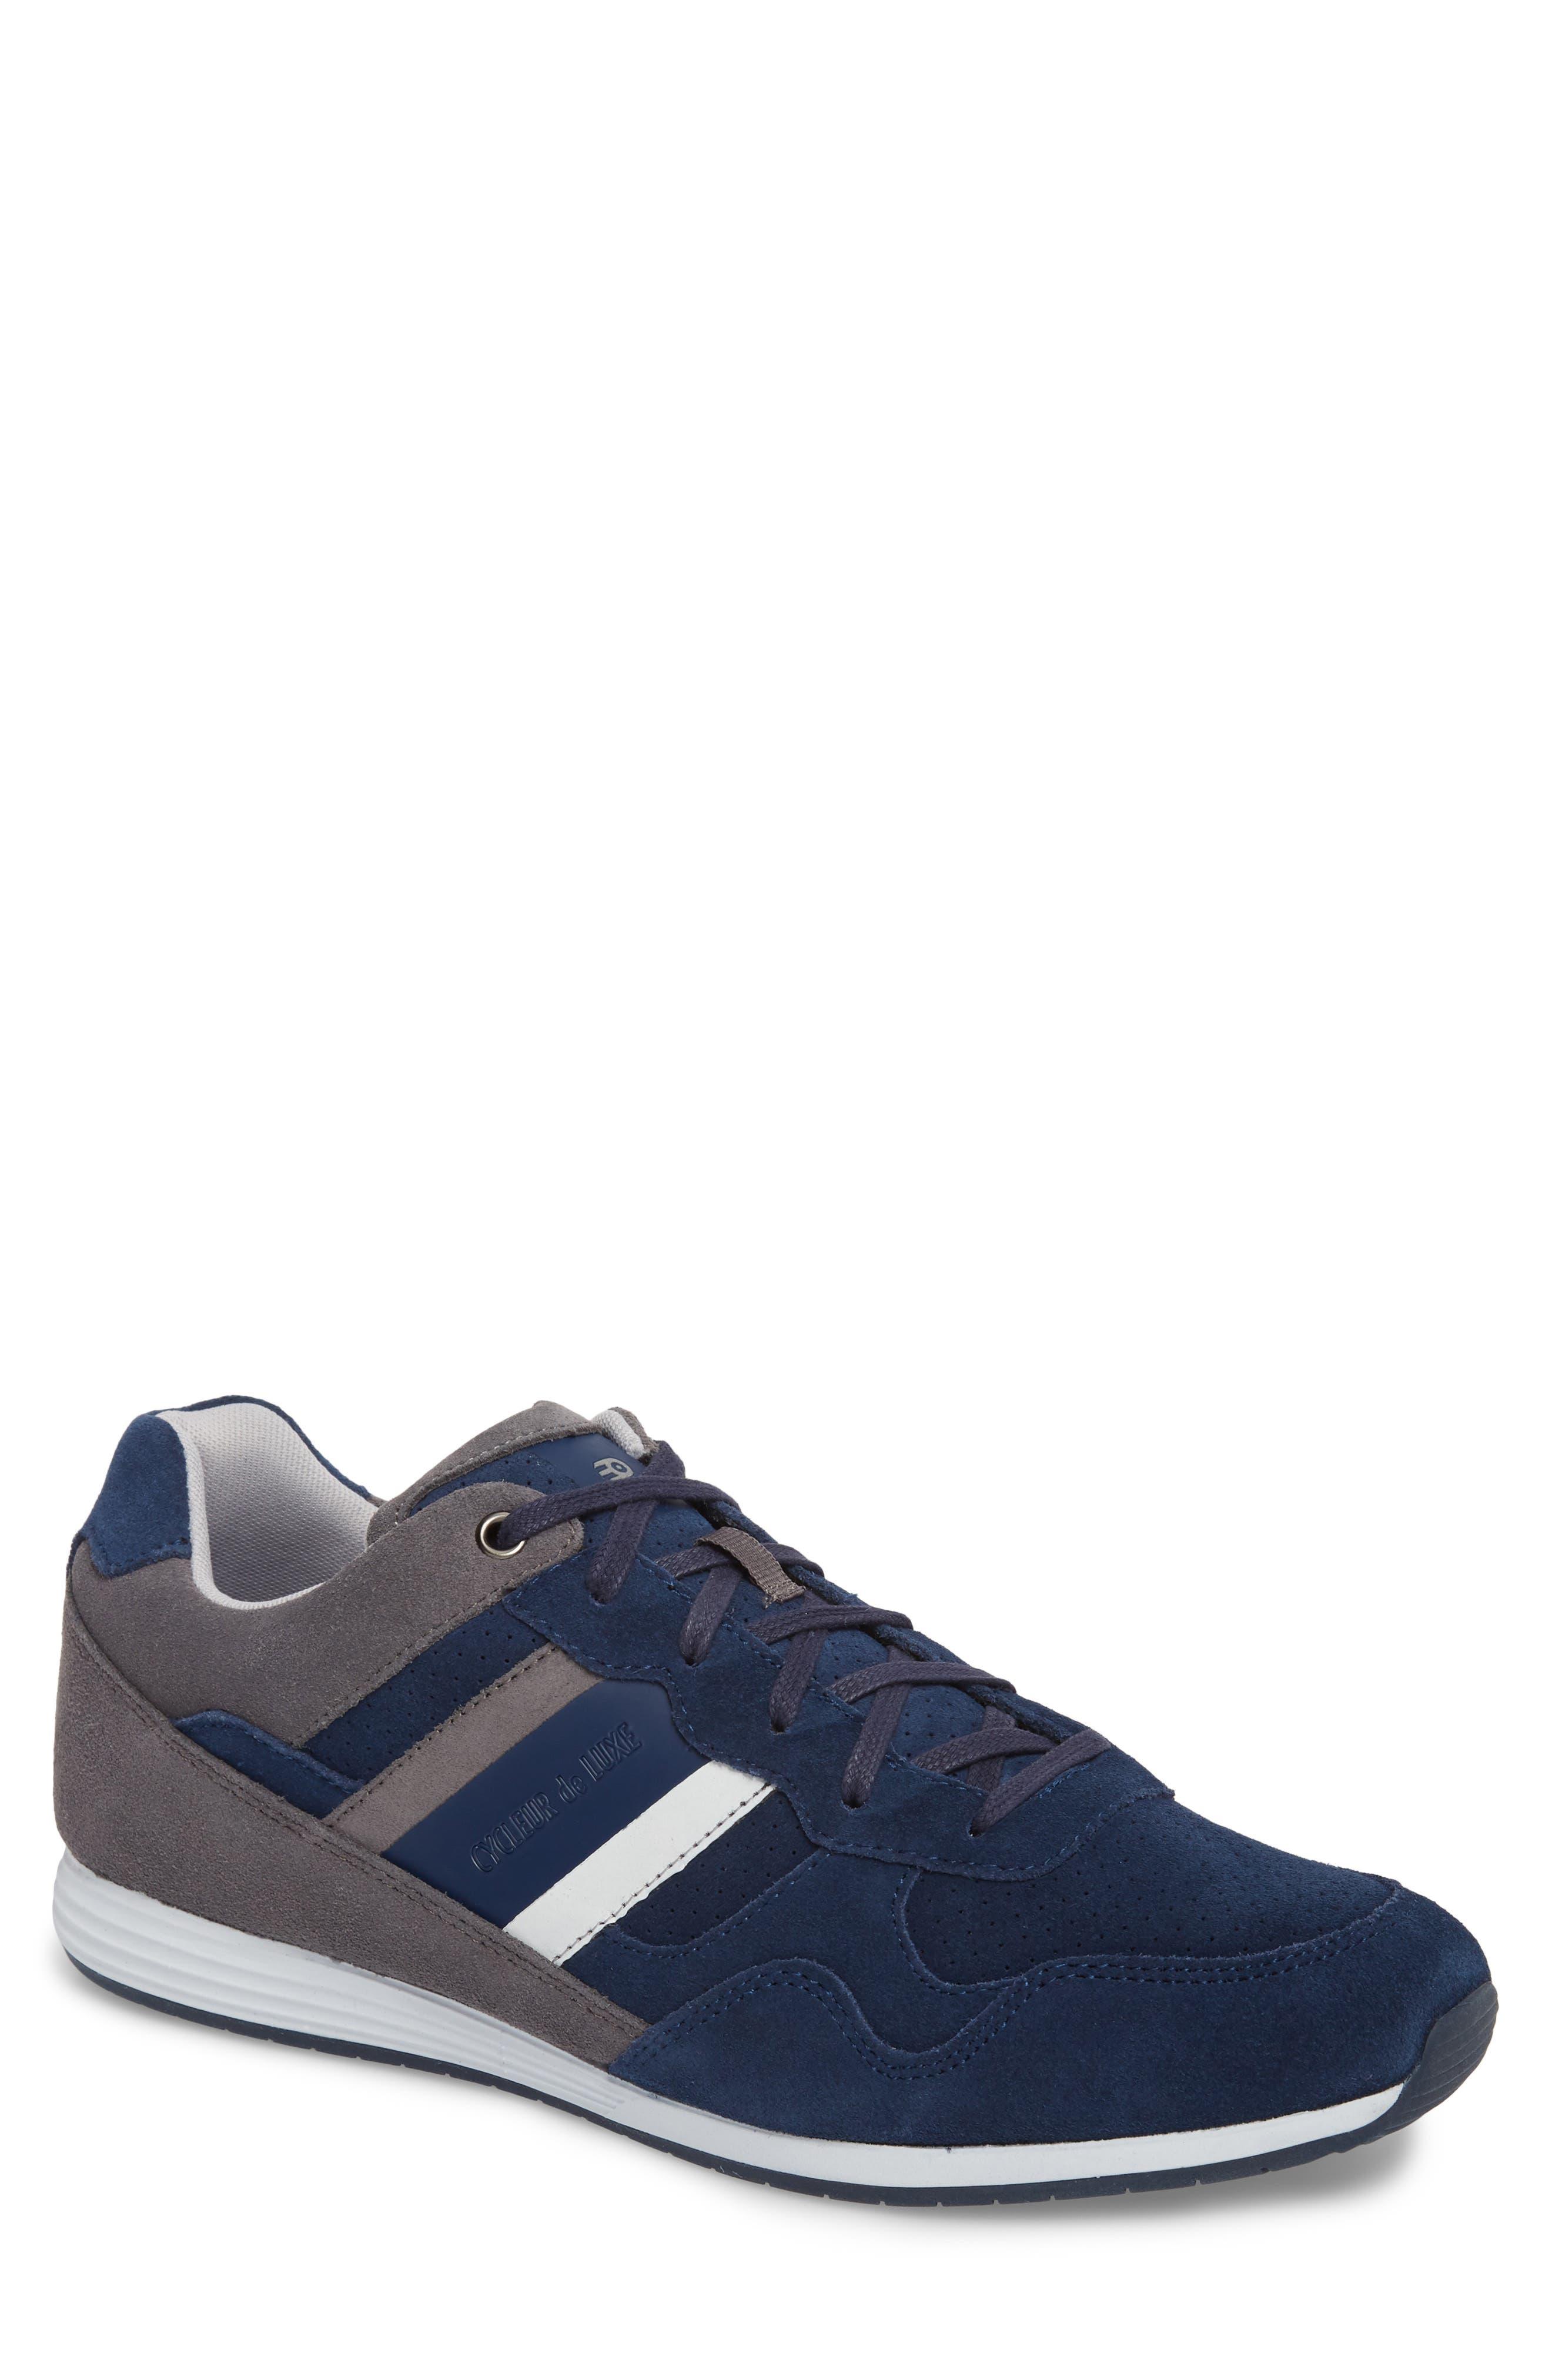 Scarpo Low Top Sneaker,                         Main,                         color, NAVY SUEDE